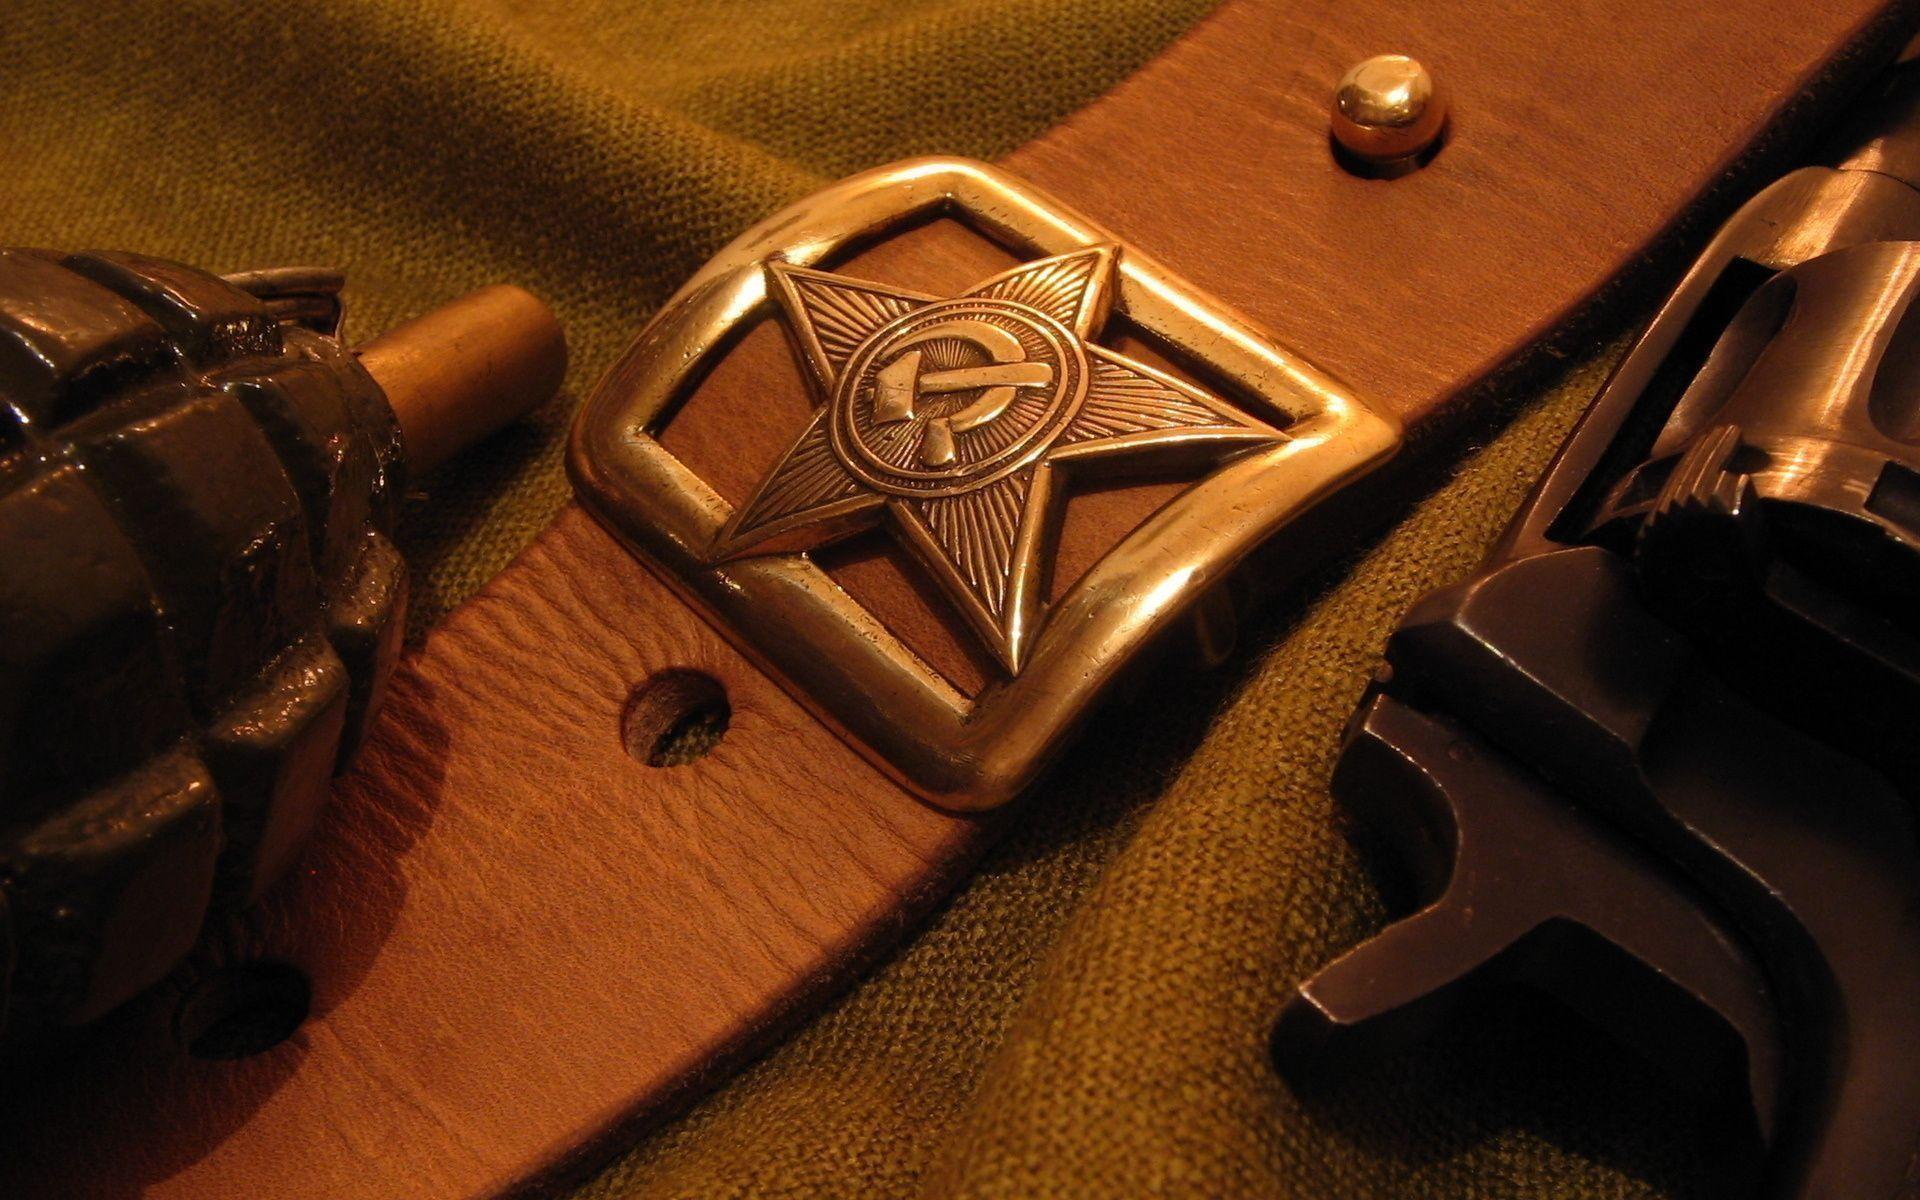 Belt badge star USSR grenade F1 lemon pistol revolver military r .